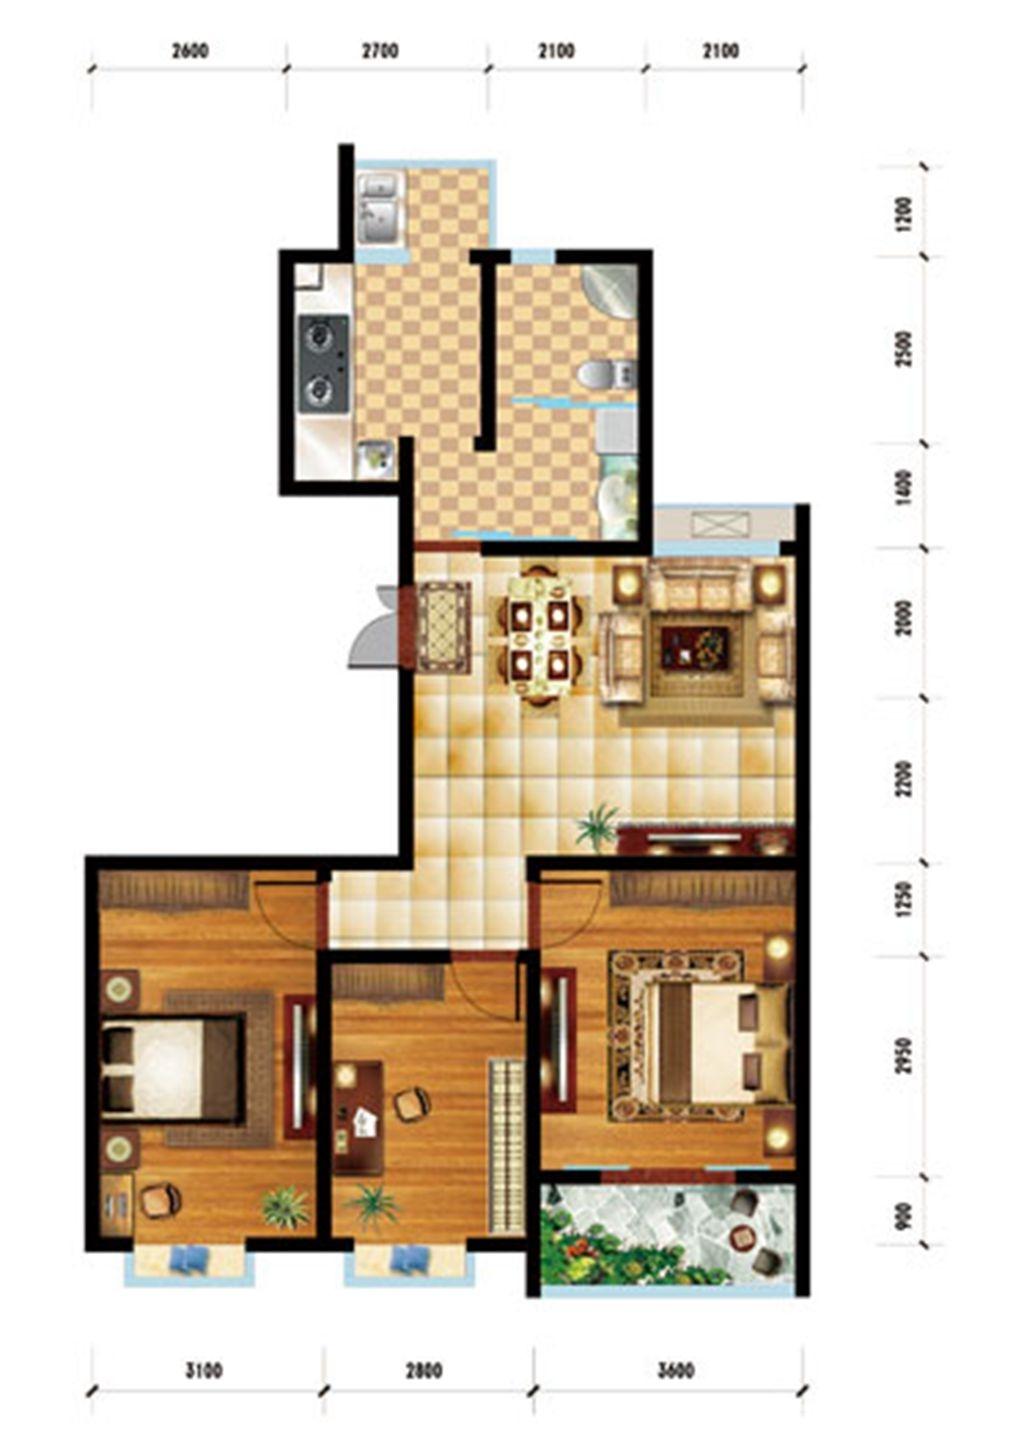 润泽家园H户型 3室2厅1卫3室2厅111.11平米